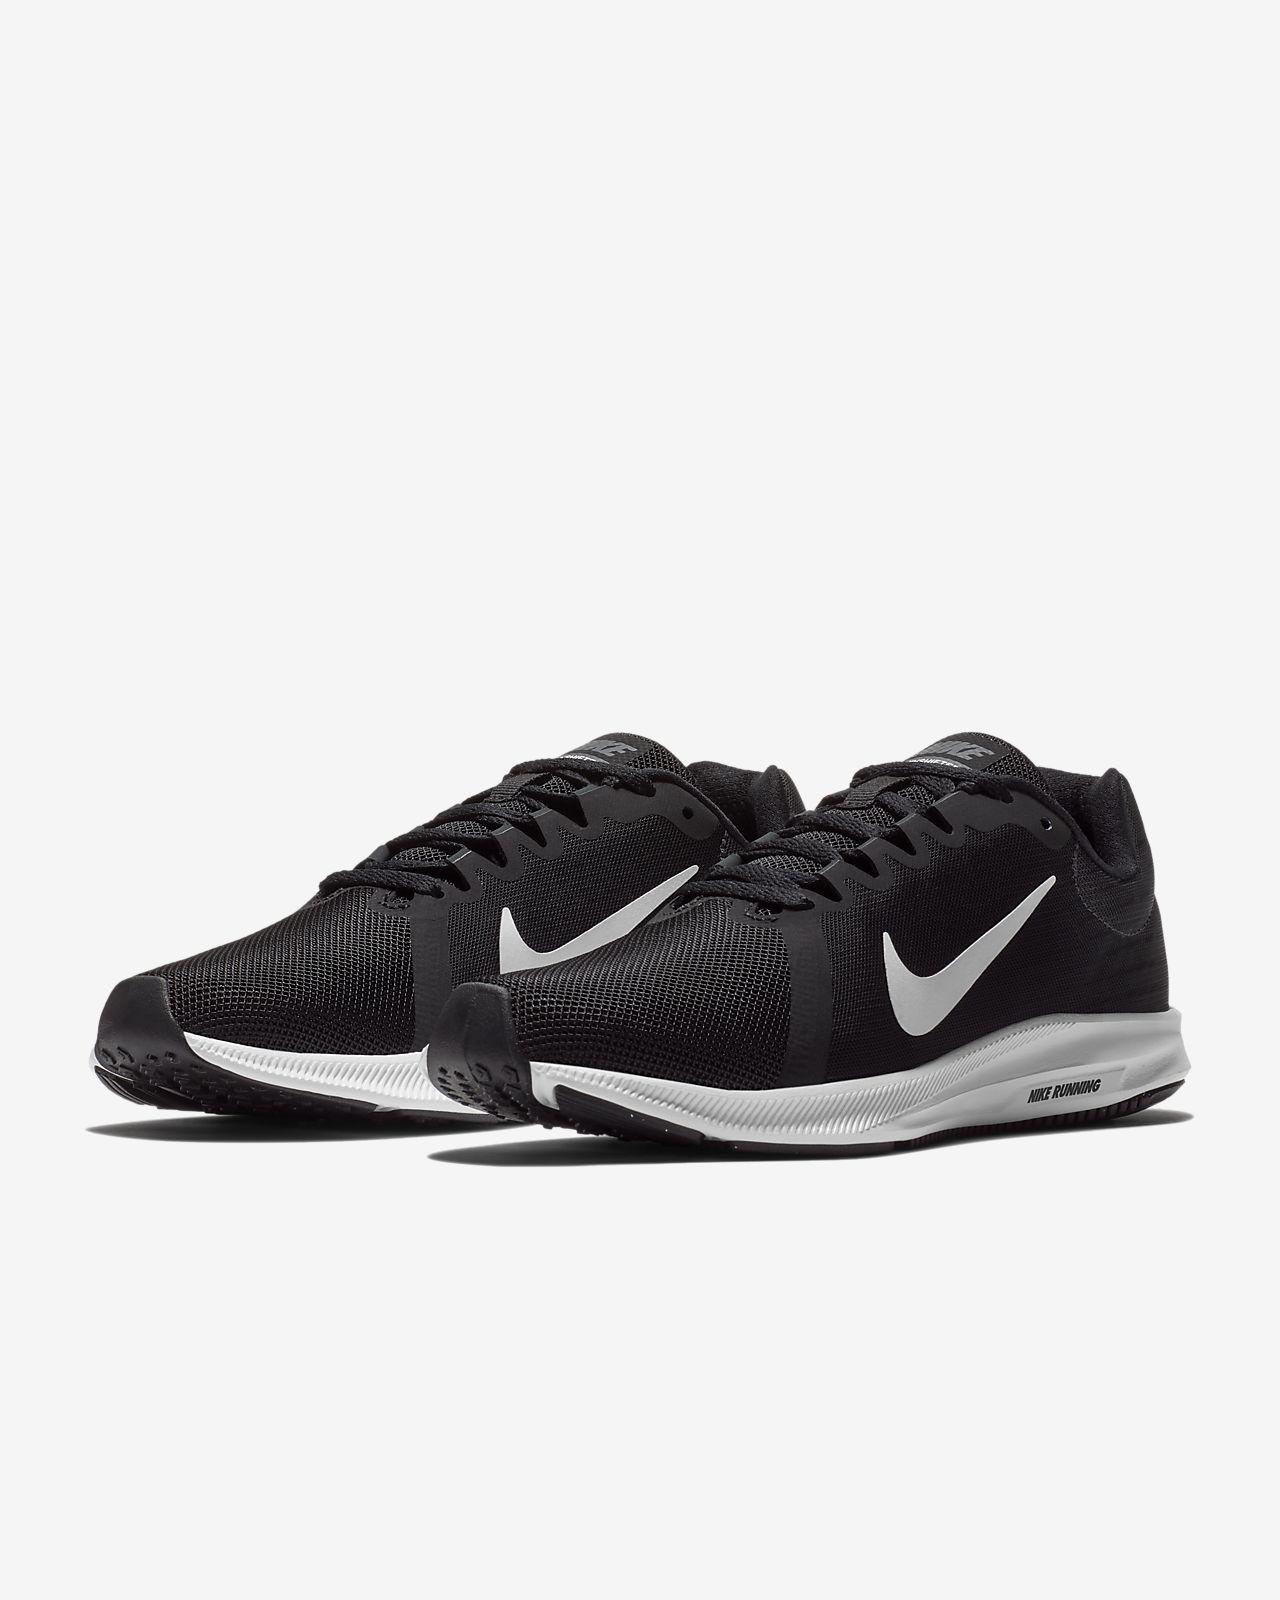 20fe1b08a9c2 Nike Downshifter 8 Women s Running Shoe. Nike.com ID